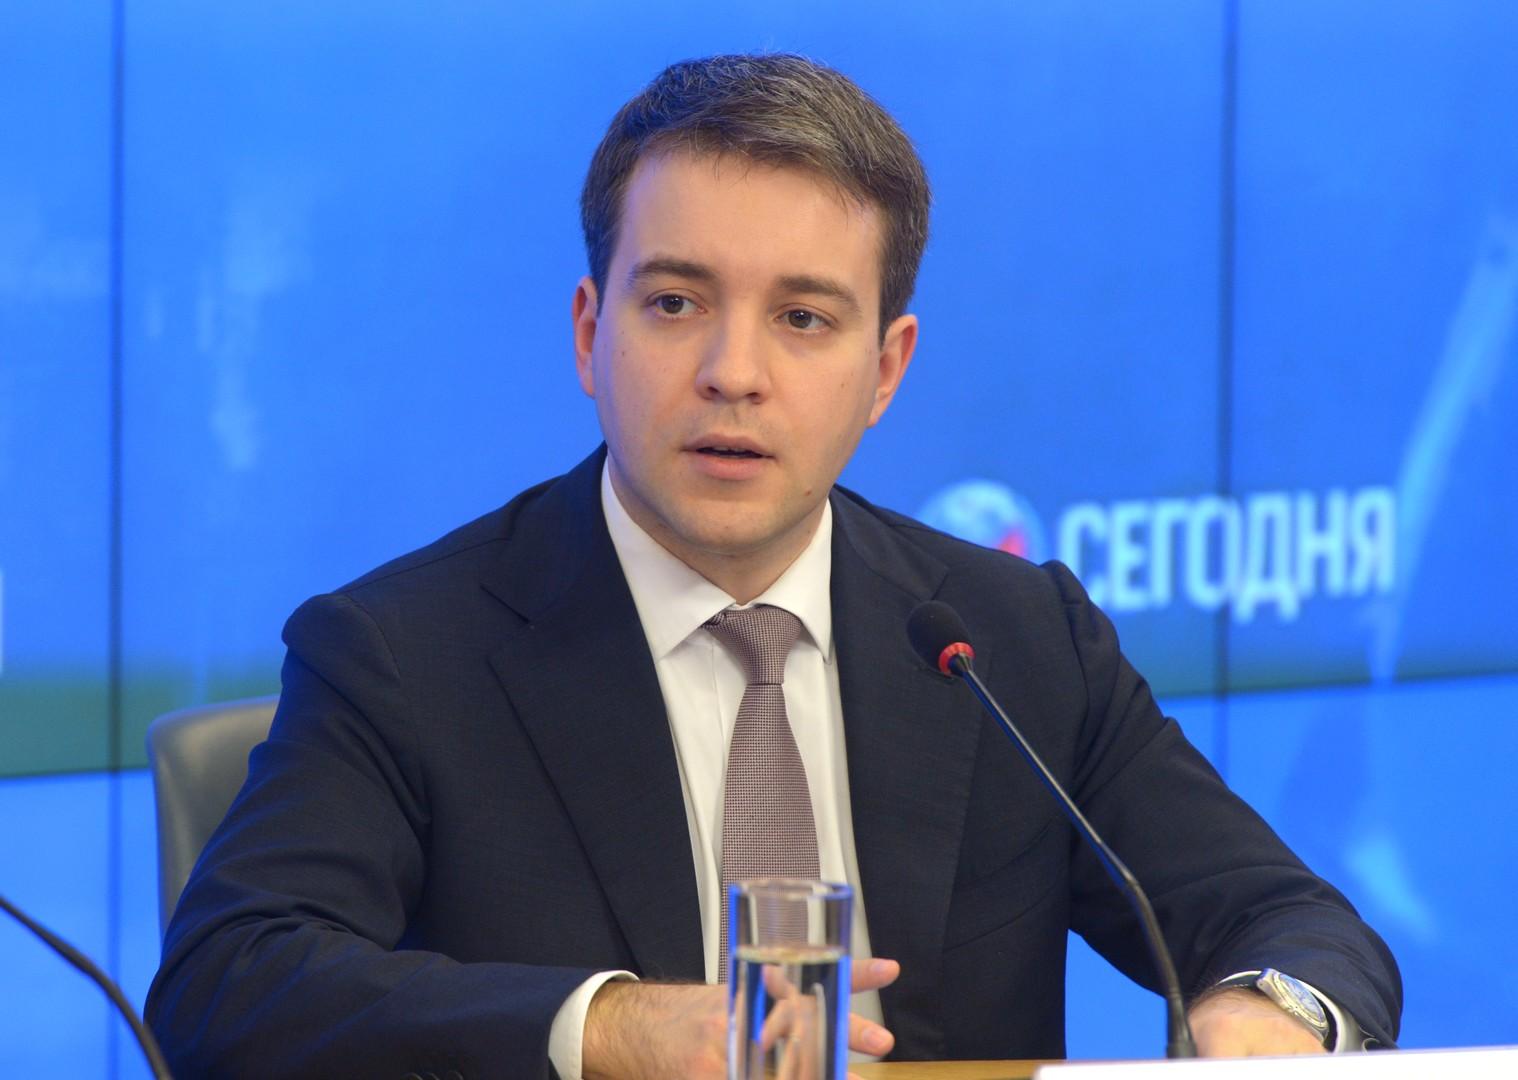 Pour le ministre russe des Communications, Internet est contrôlé par le gouvernement américain